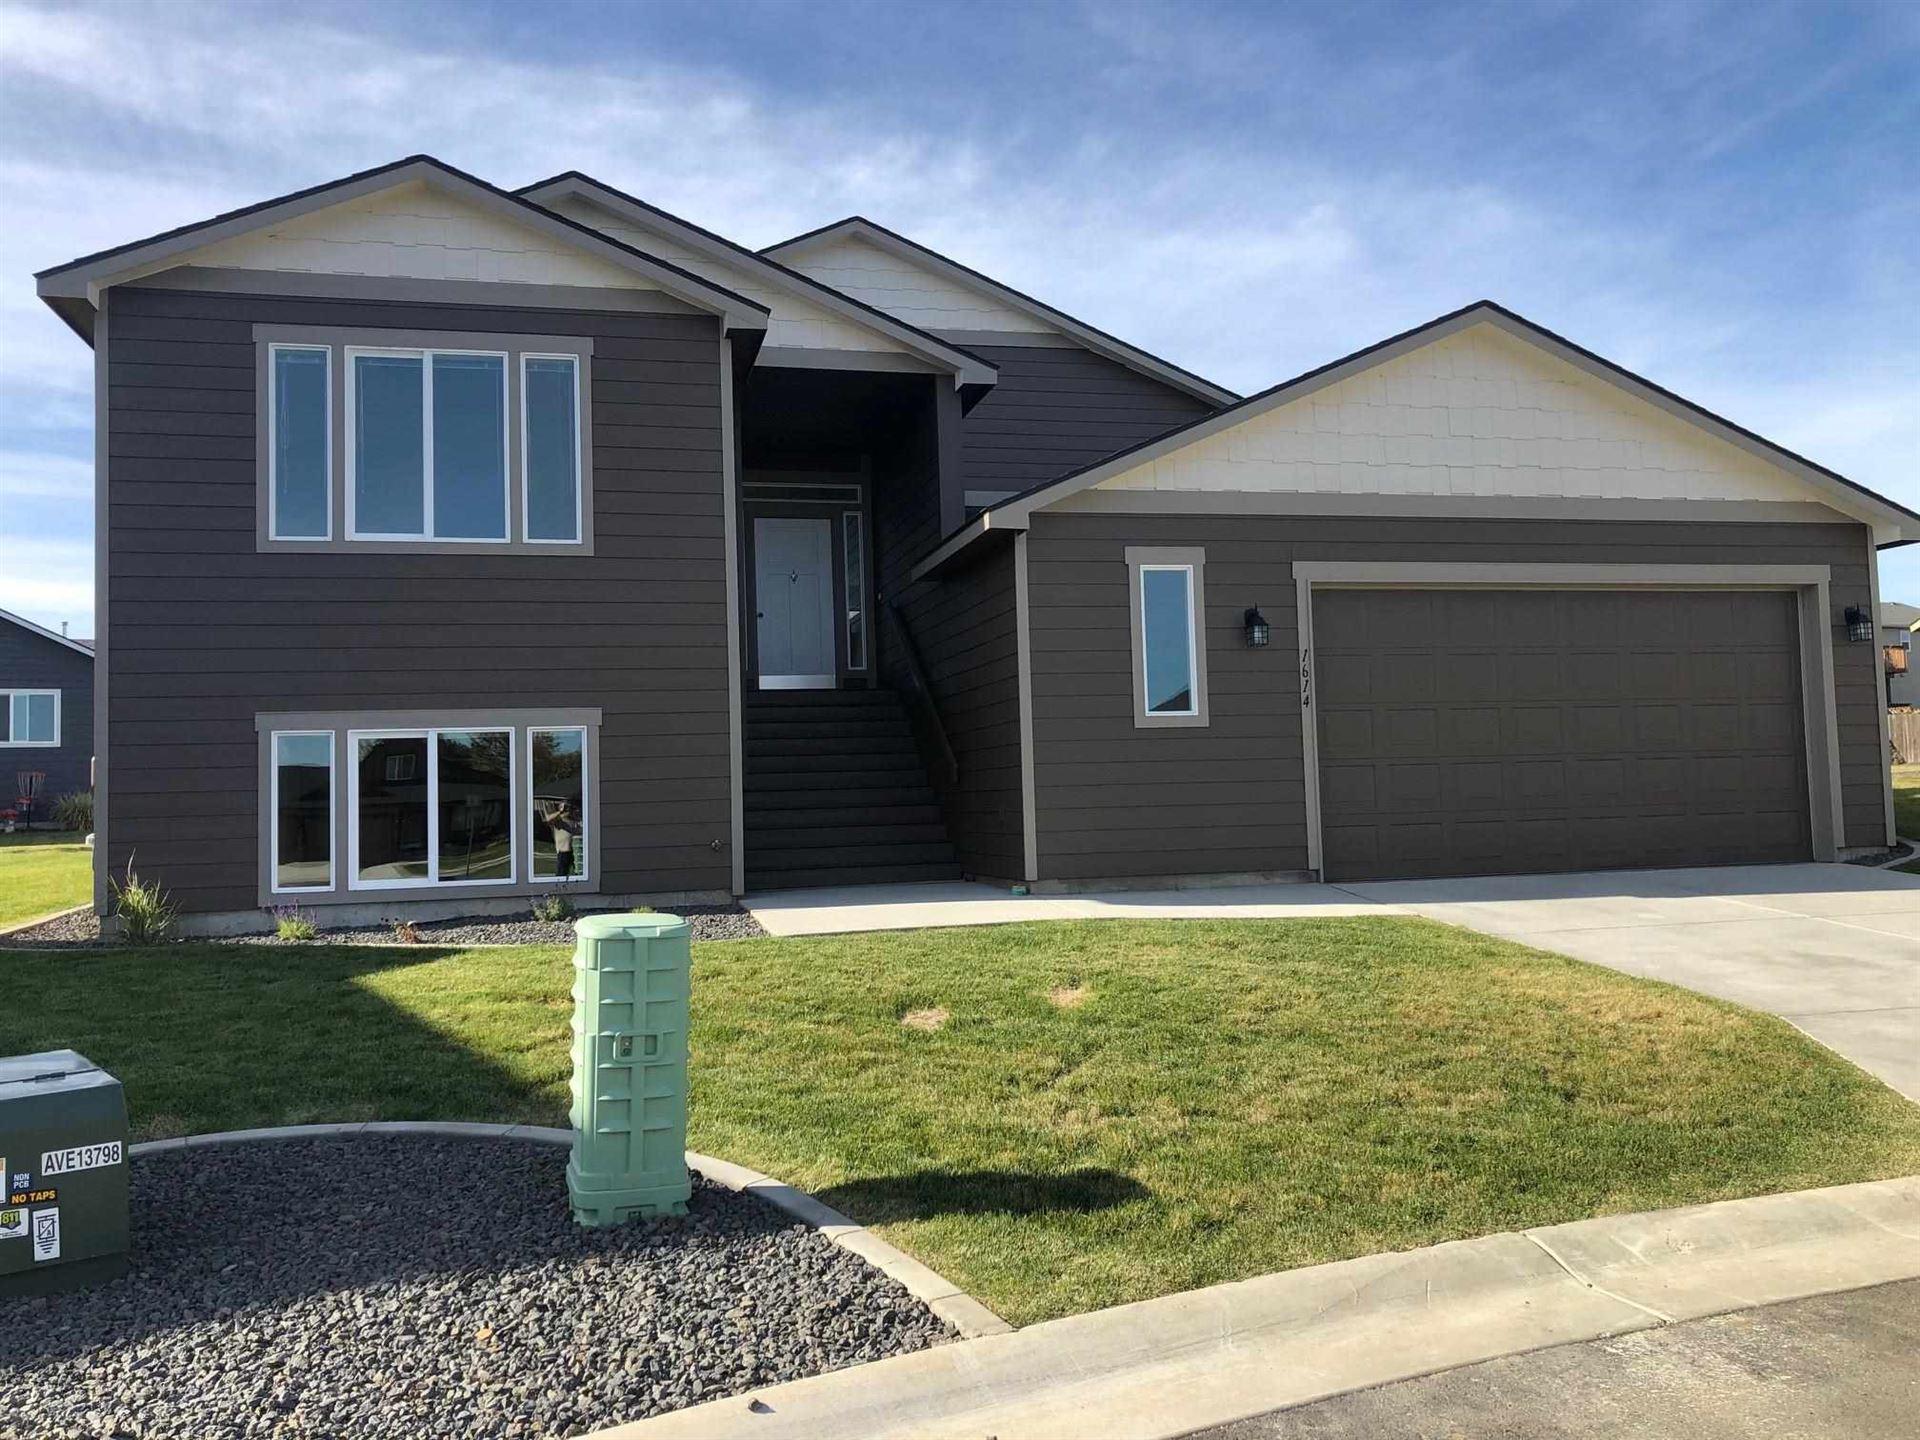 1614 W Lavender Ct, Spokane, WA 99208 - #: 202123906